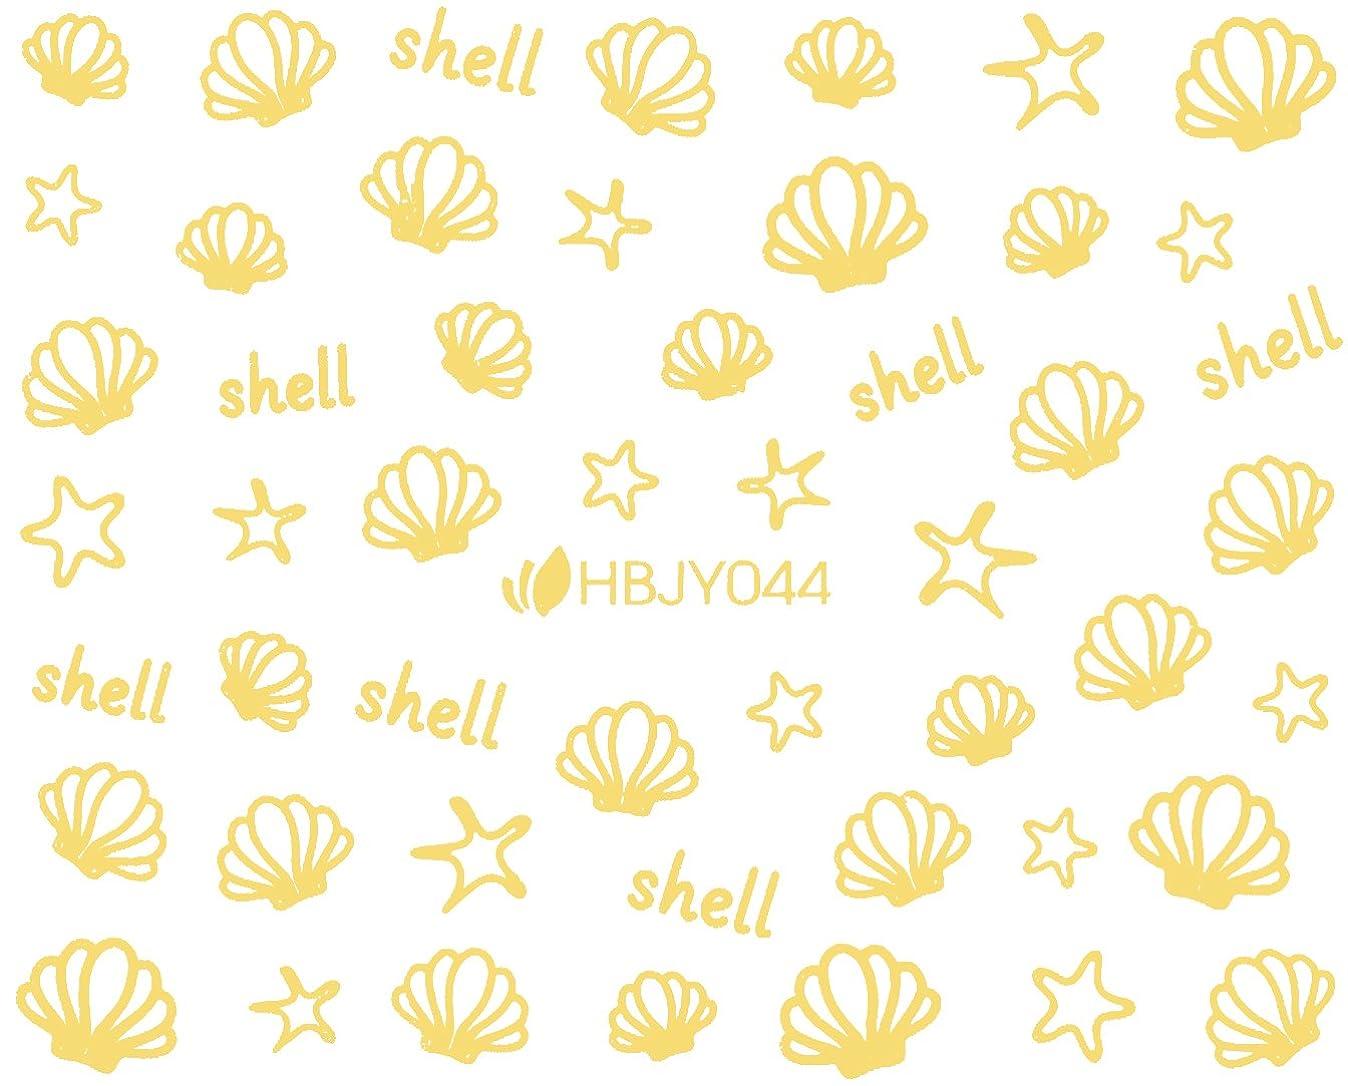 野心細部ミネラルネイルシール 夏 サマー シェル ヤシの木 イカリ 選べる20種類 (ゴールドMG, 23)